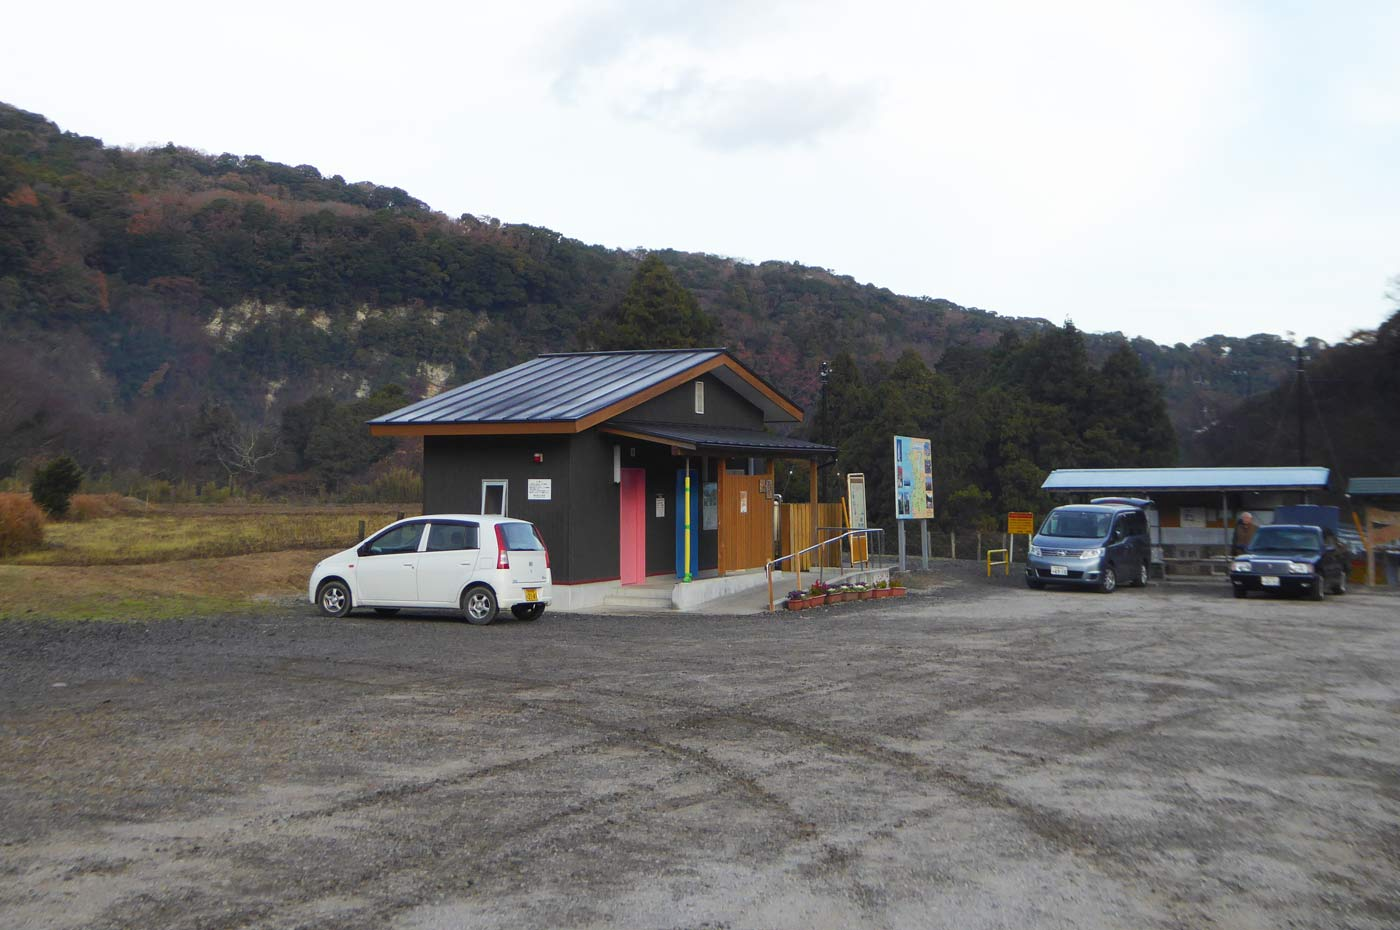 志駒もみじの里の駐車場と公衆トイレの画像